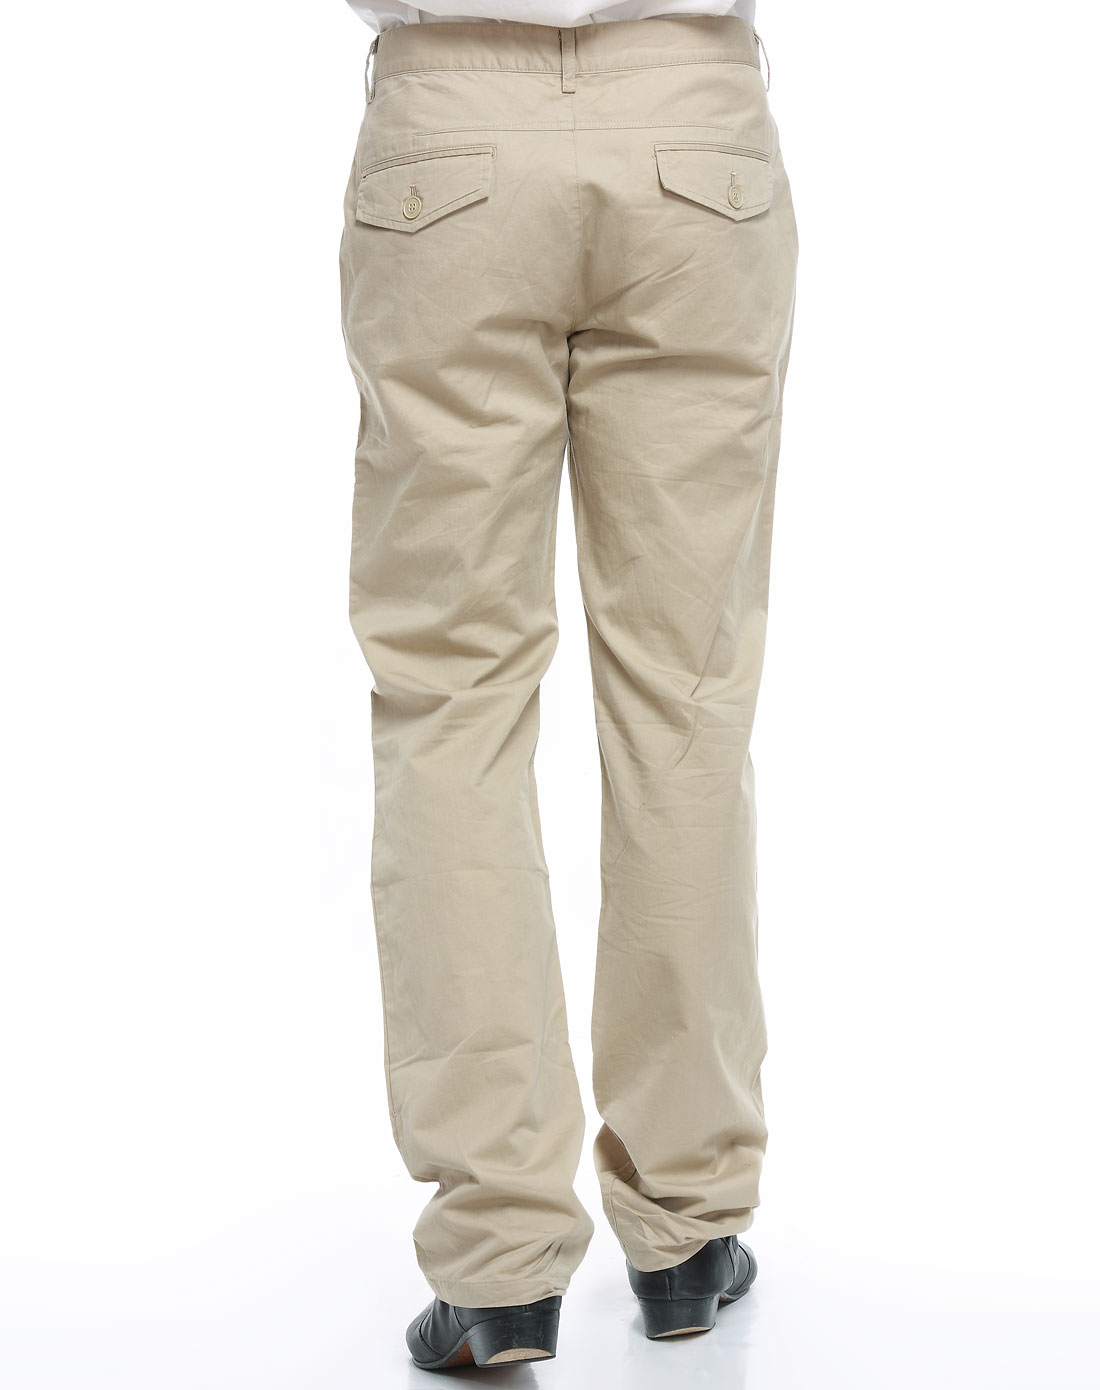 米色裤子配什么鞋子::米色鞋子配黑色裤子::米色裤子